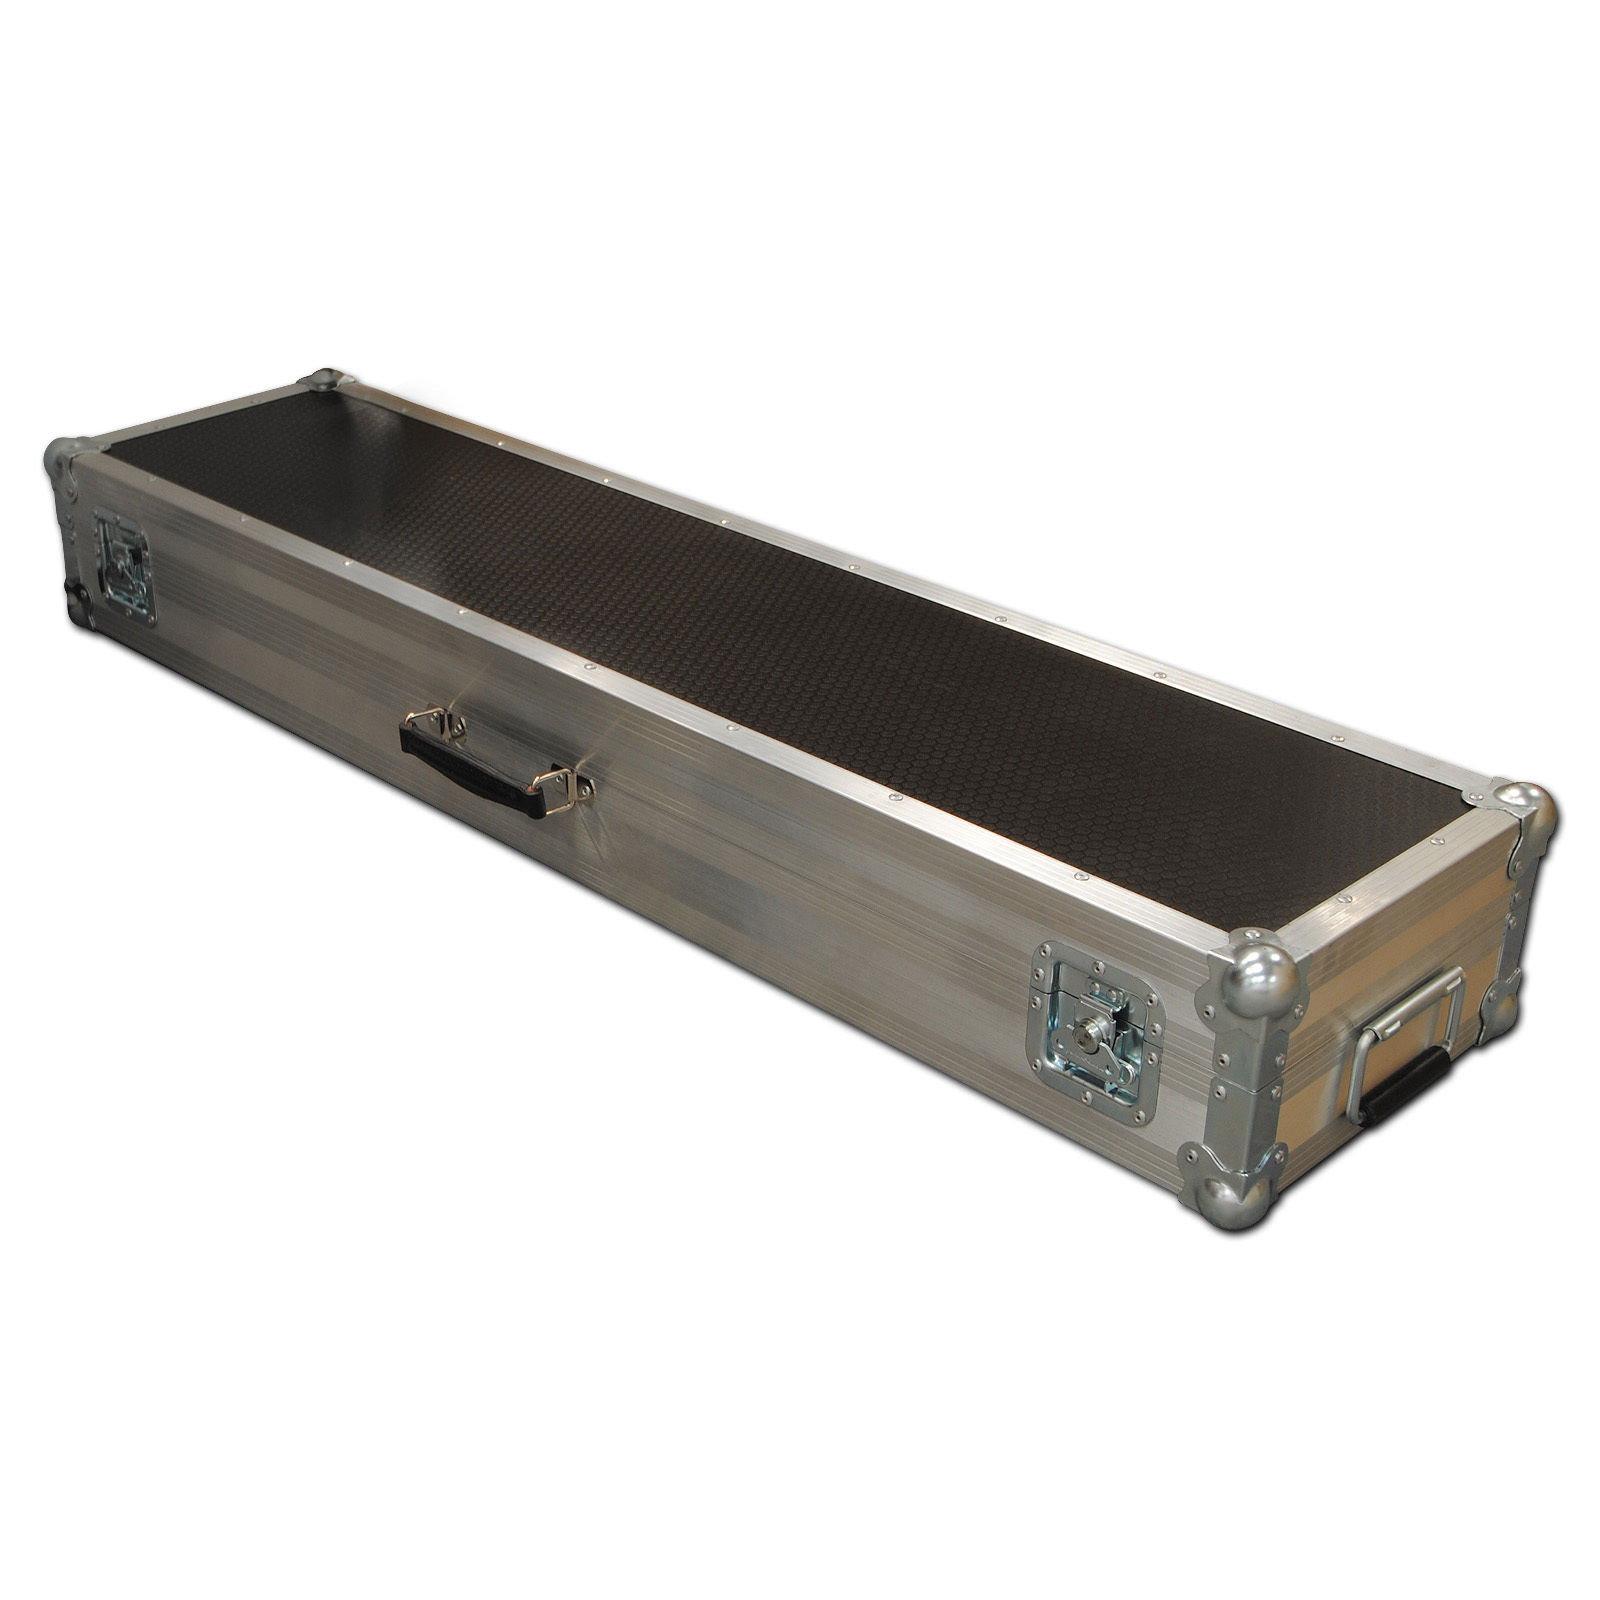 88 note keyboard flight case for roland fp 80. Black Bedroom Furniture Sets. Home Design Ideas